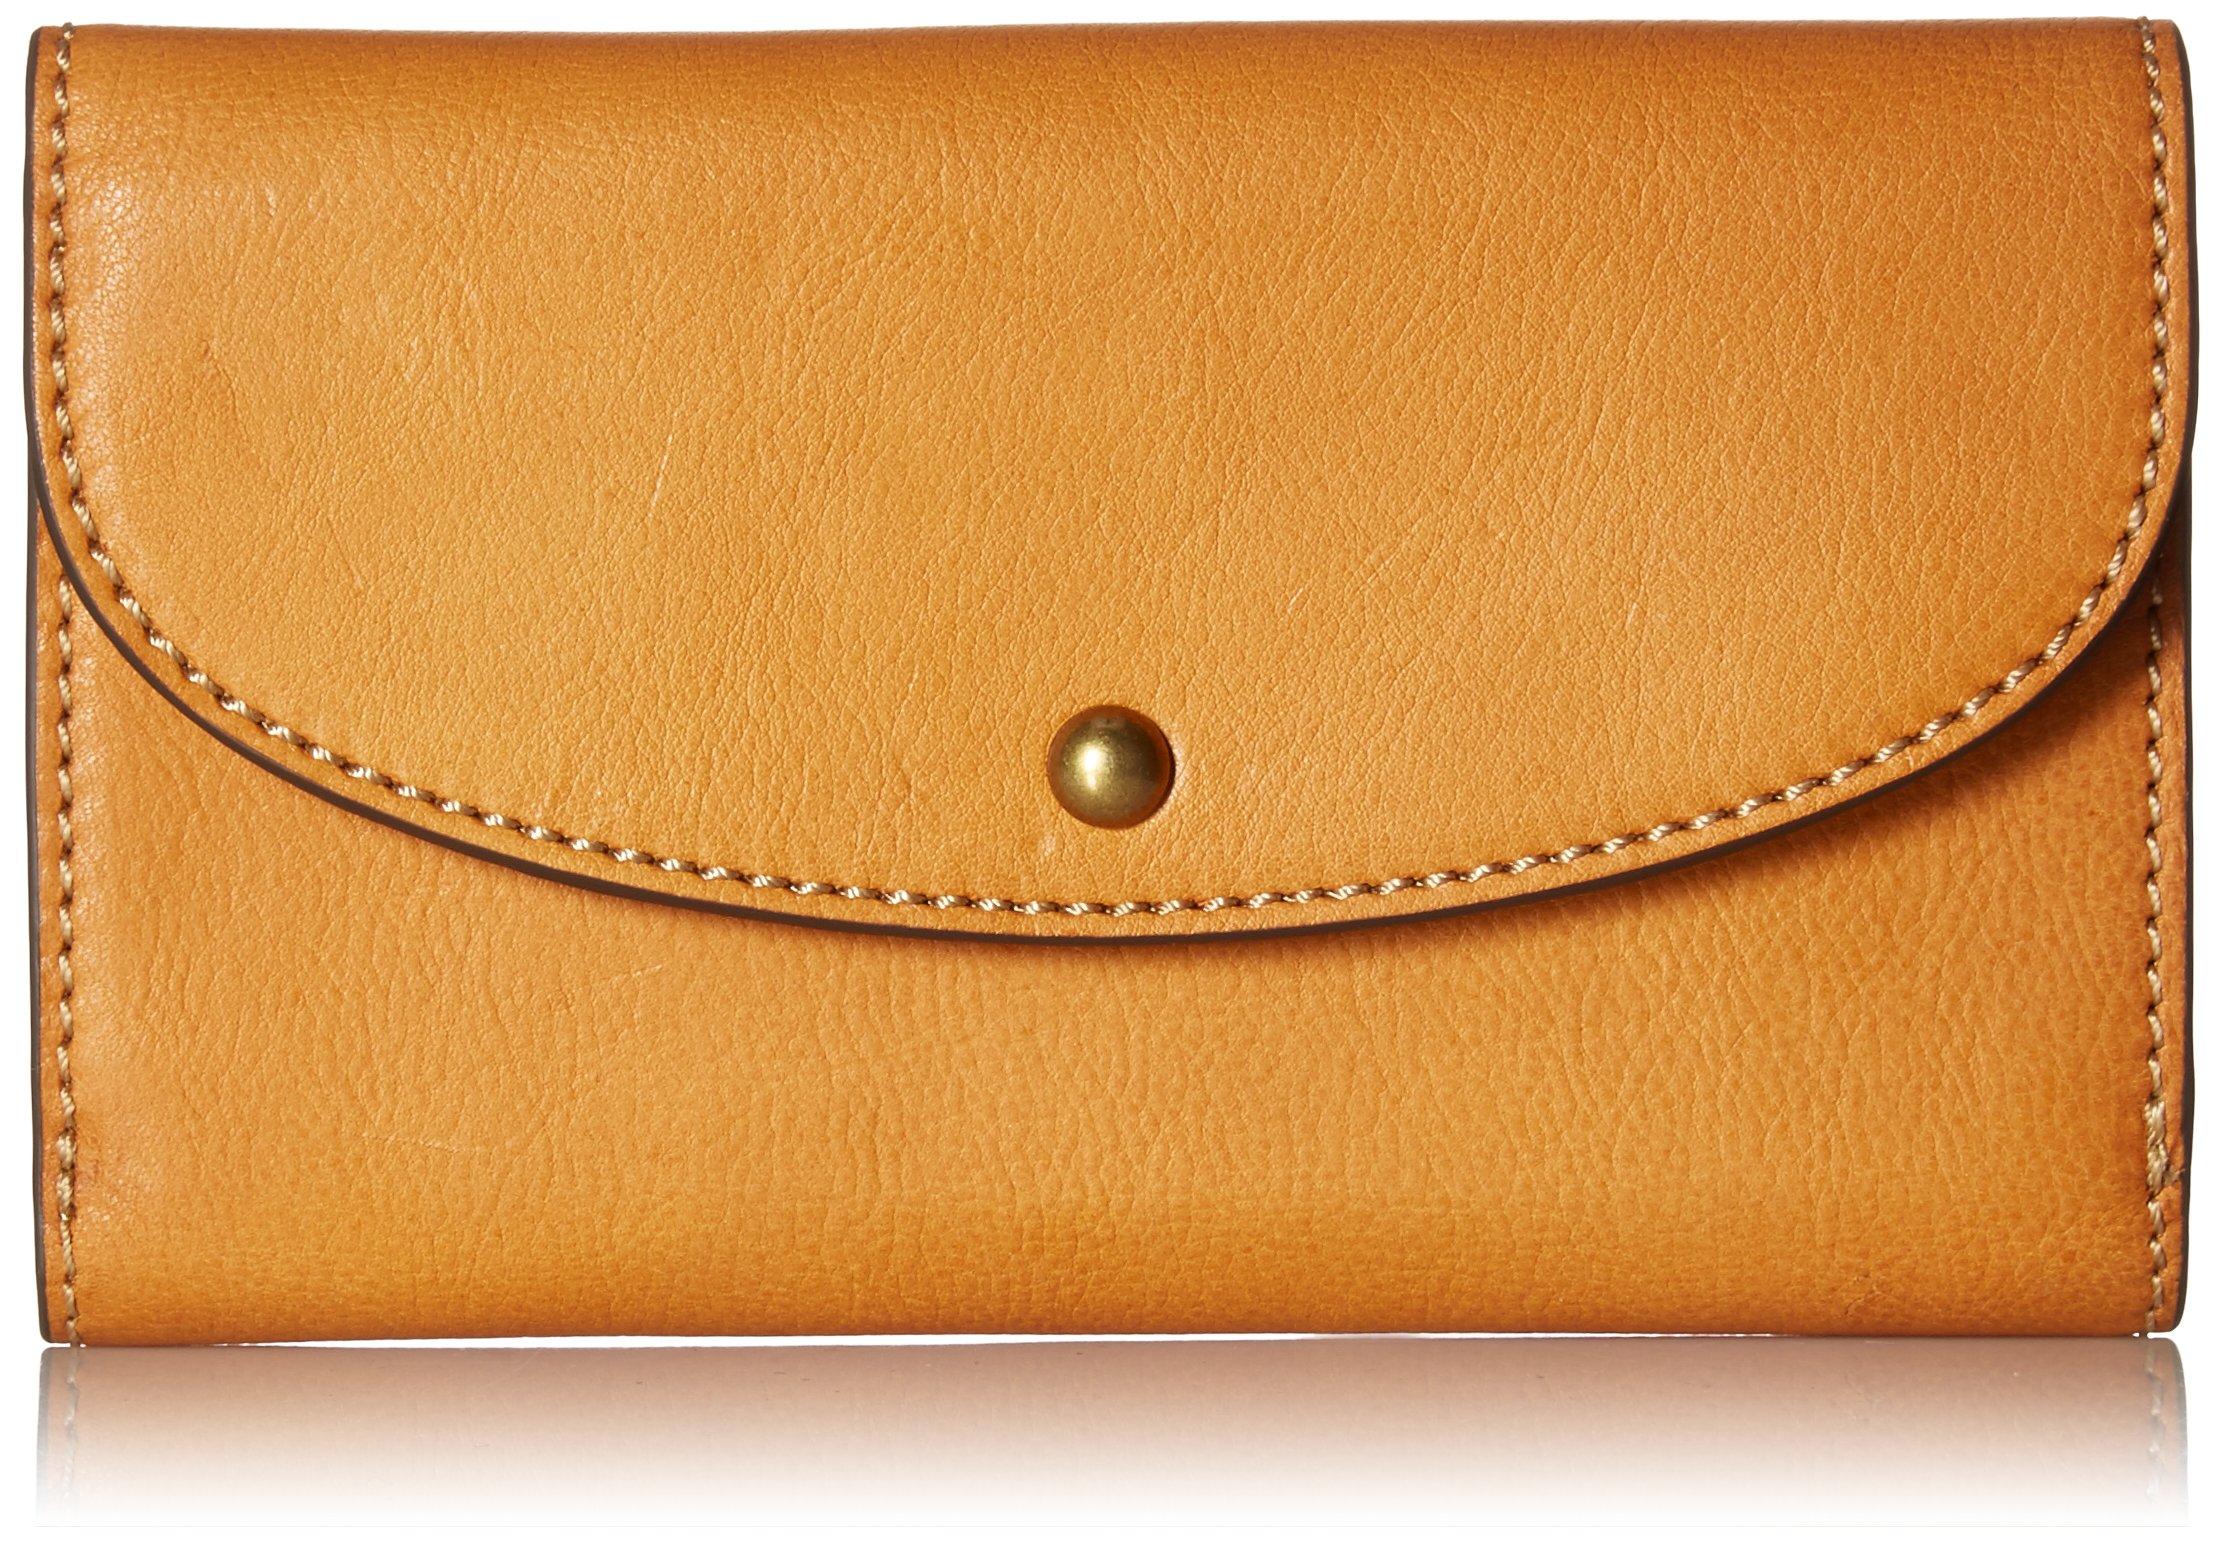 Adeline Clutch Wallet Wallet, TAN, One Size